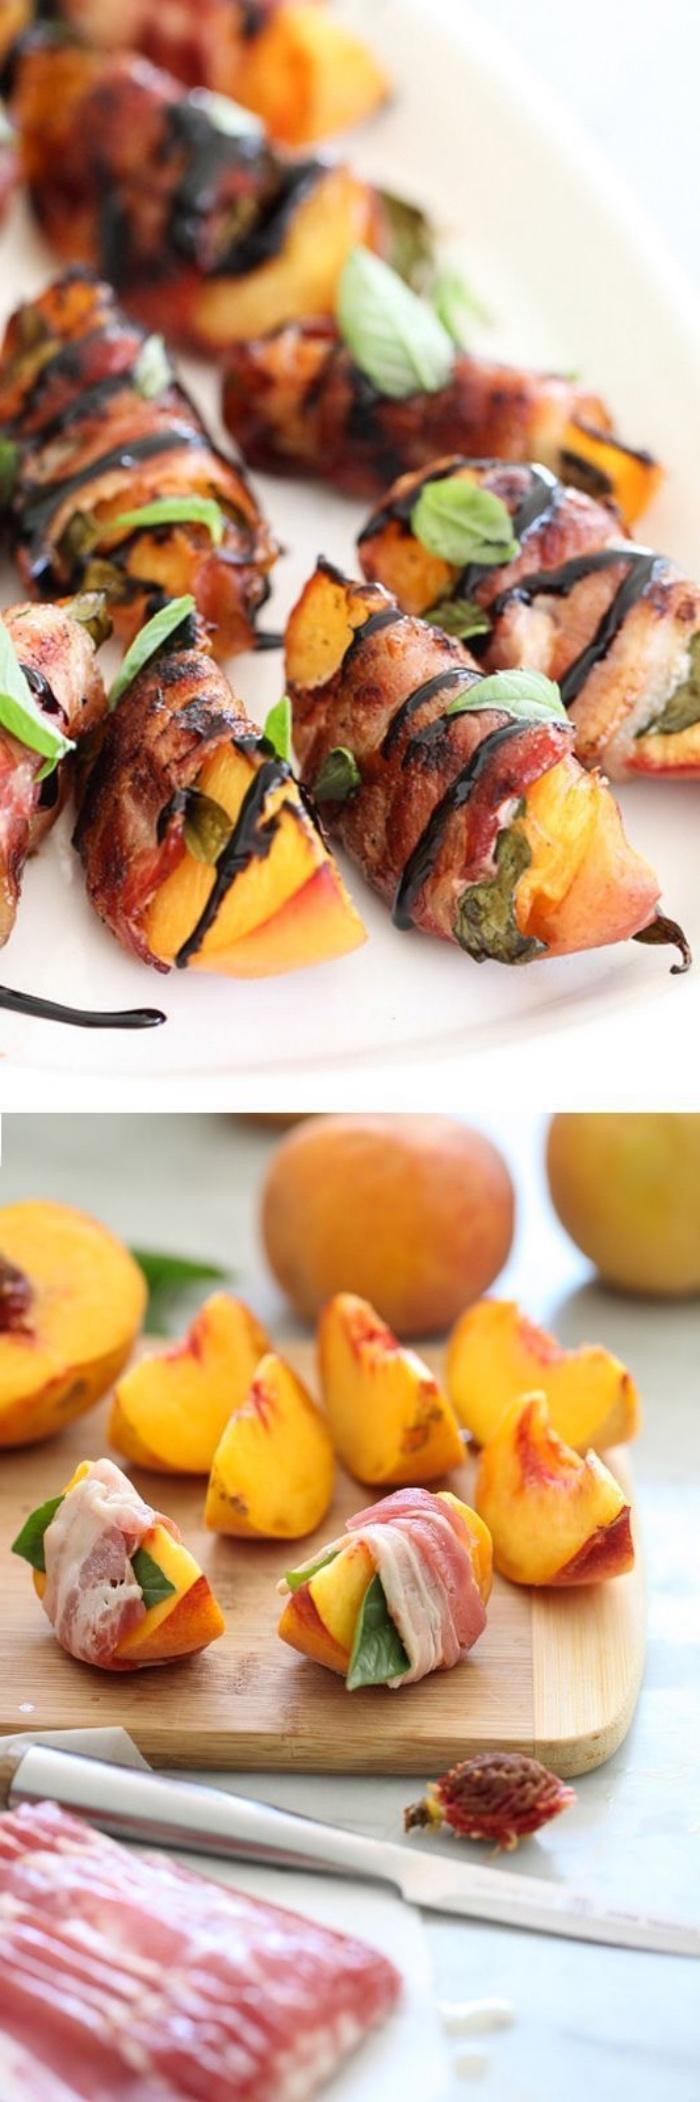 recette entre amis, des tranches de pêche, enveloppés de bacon, lardons et feuilles de basilic, réduction de vinaigre de balsamique